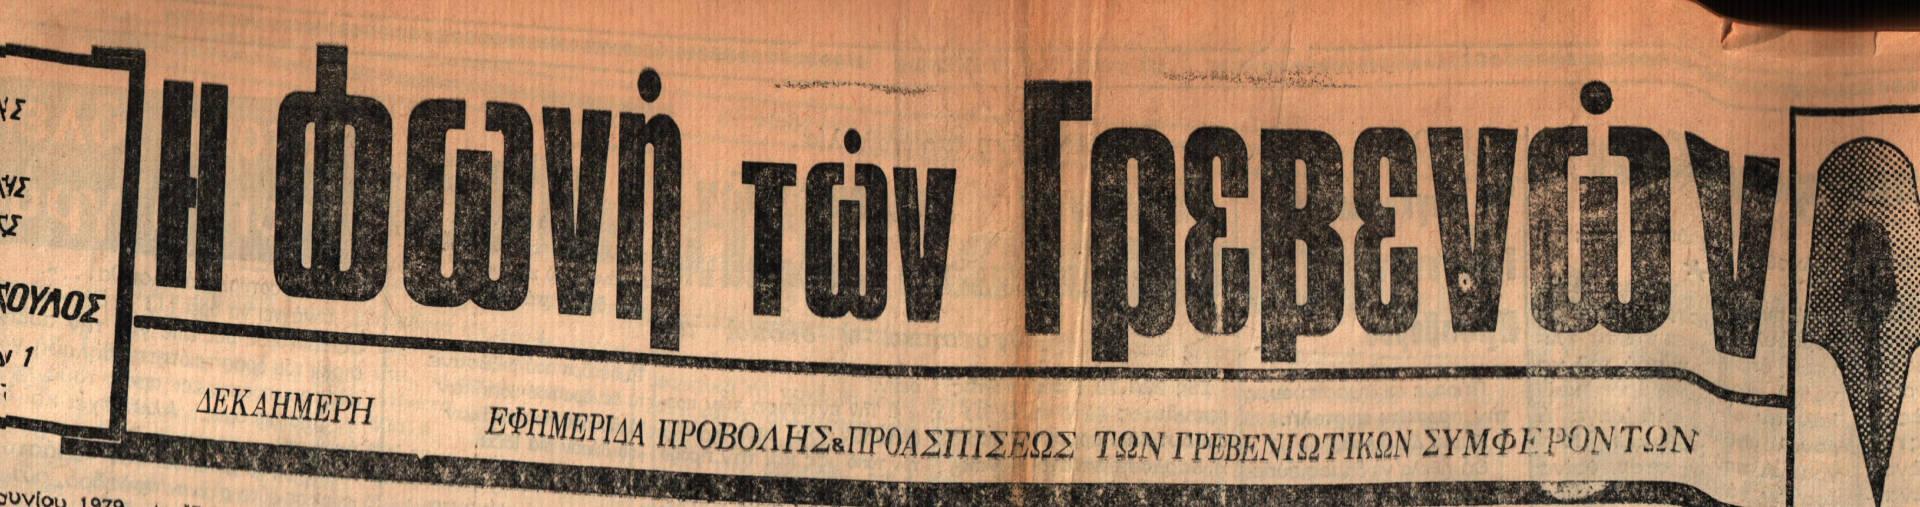 Η ιστορία των Γρεβενών μέσα από τον Τοπικό Τύπο.Σήμερα:Η συγκοινωνία Γρεβενών-Προσβόρου